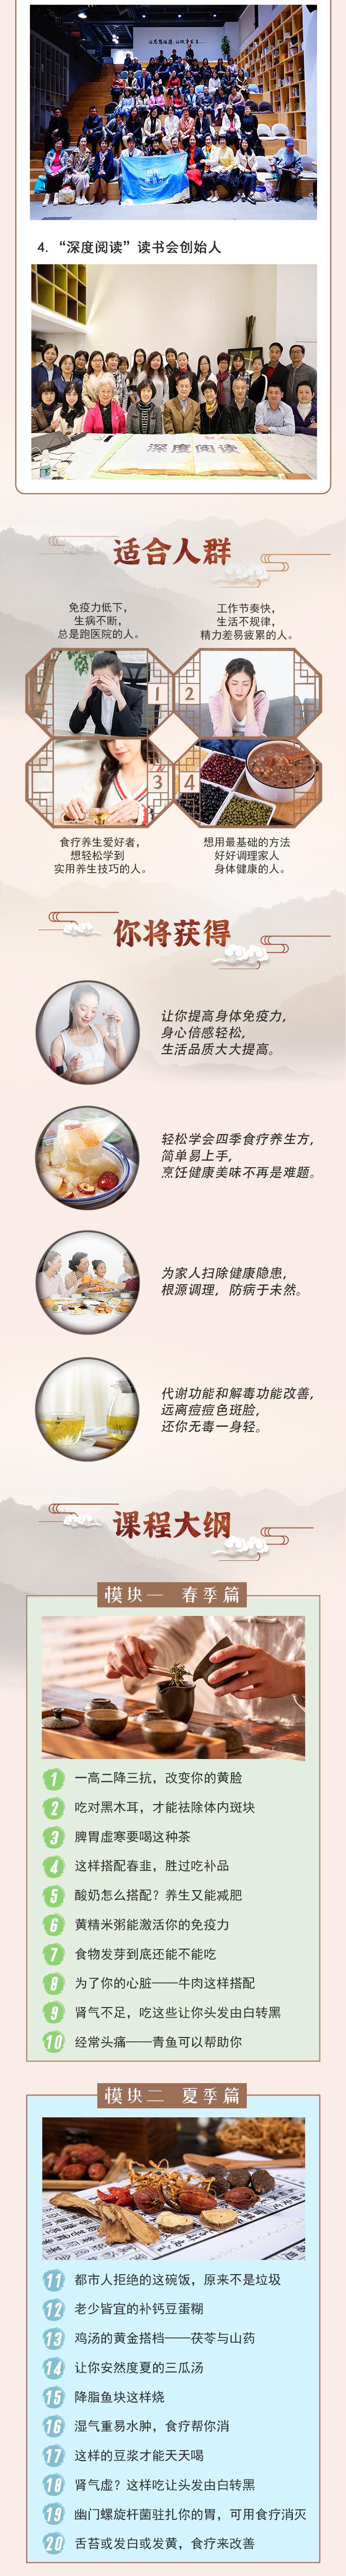 四季养生生命的体验:40节四季食疗养生课,简简单单,吃出健康好身体!2.jpg